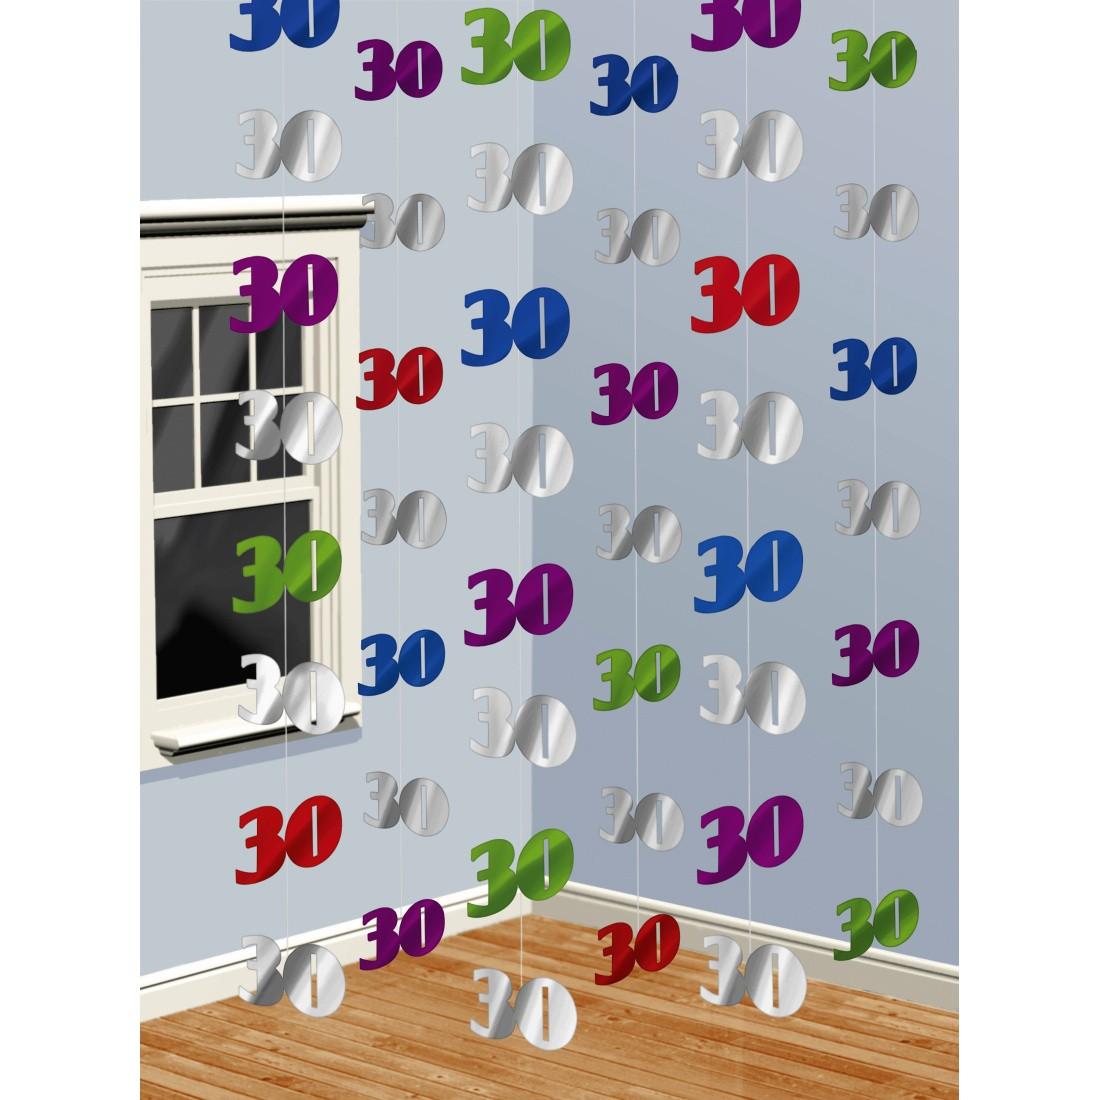 6 stk x 2 m 30 geburtstag h nge deko 2 m h nge girlande geburtstagsgirlande h ngedeko party. Black Bedroom Furniture Sets. Home Design Ideas